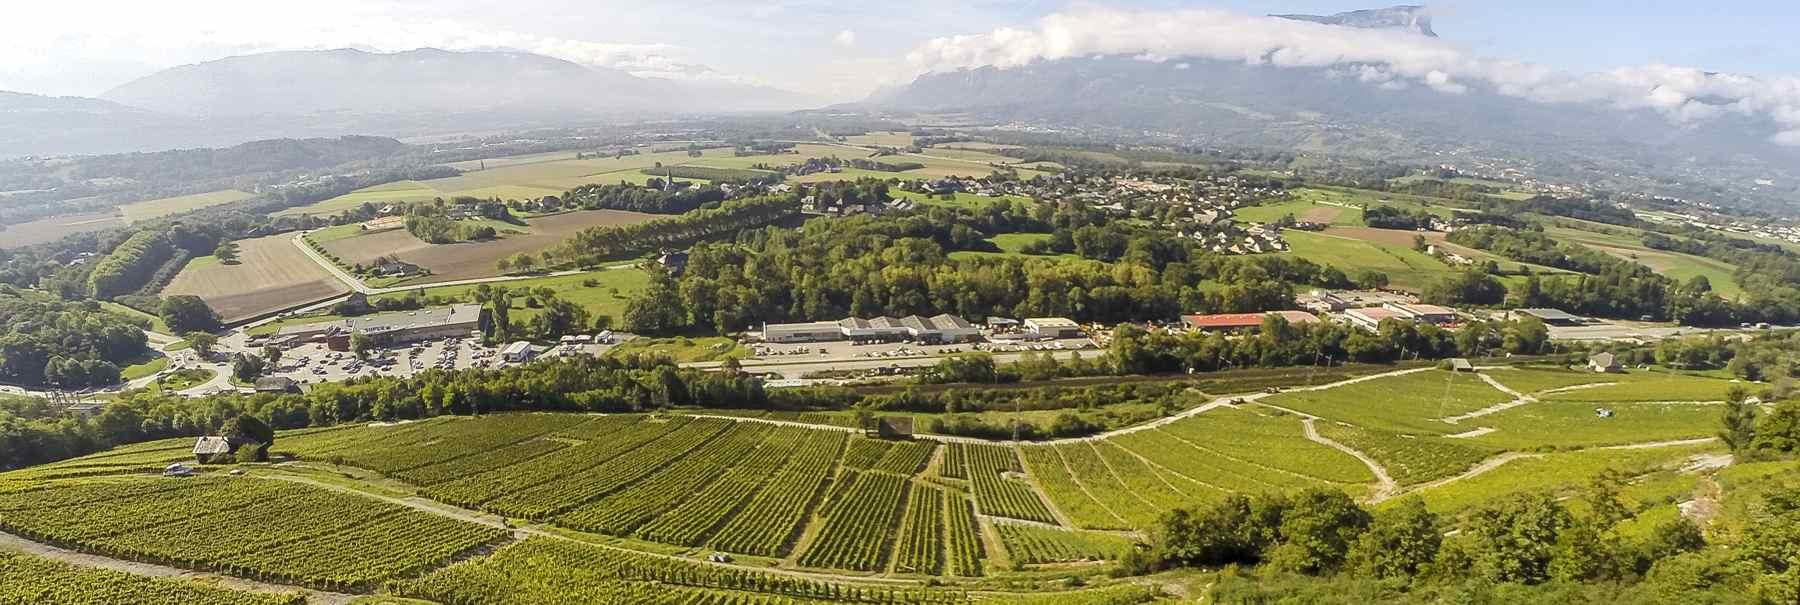 domaine-berthollier-vin-de-savoie-entrepot-du-vin-3